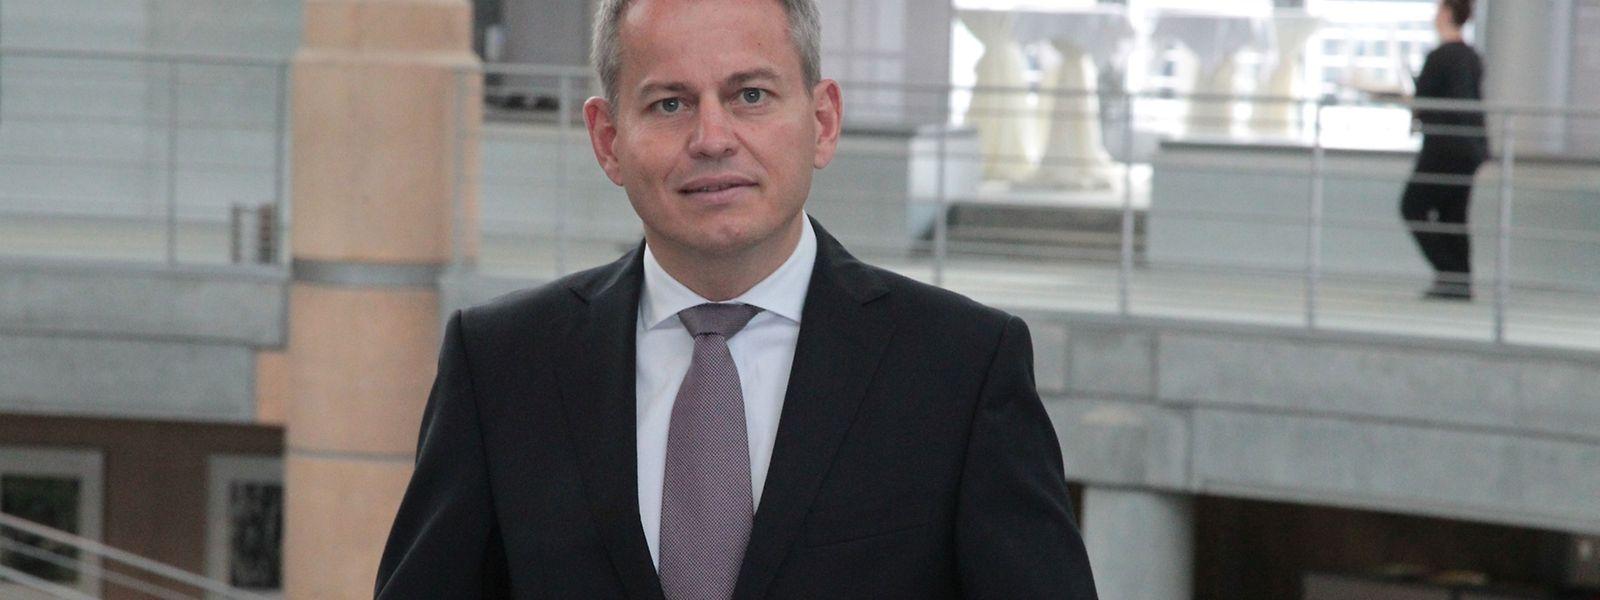 Der 44-jährige Frank Krings hat zum 15. März 2016 die Nachfolge von Boris Liedtke angetreten, der zum 31. Dezember 2015 auf eigenen Wunsch aus der Bank ausgeschieden ist.